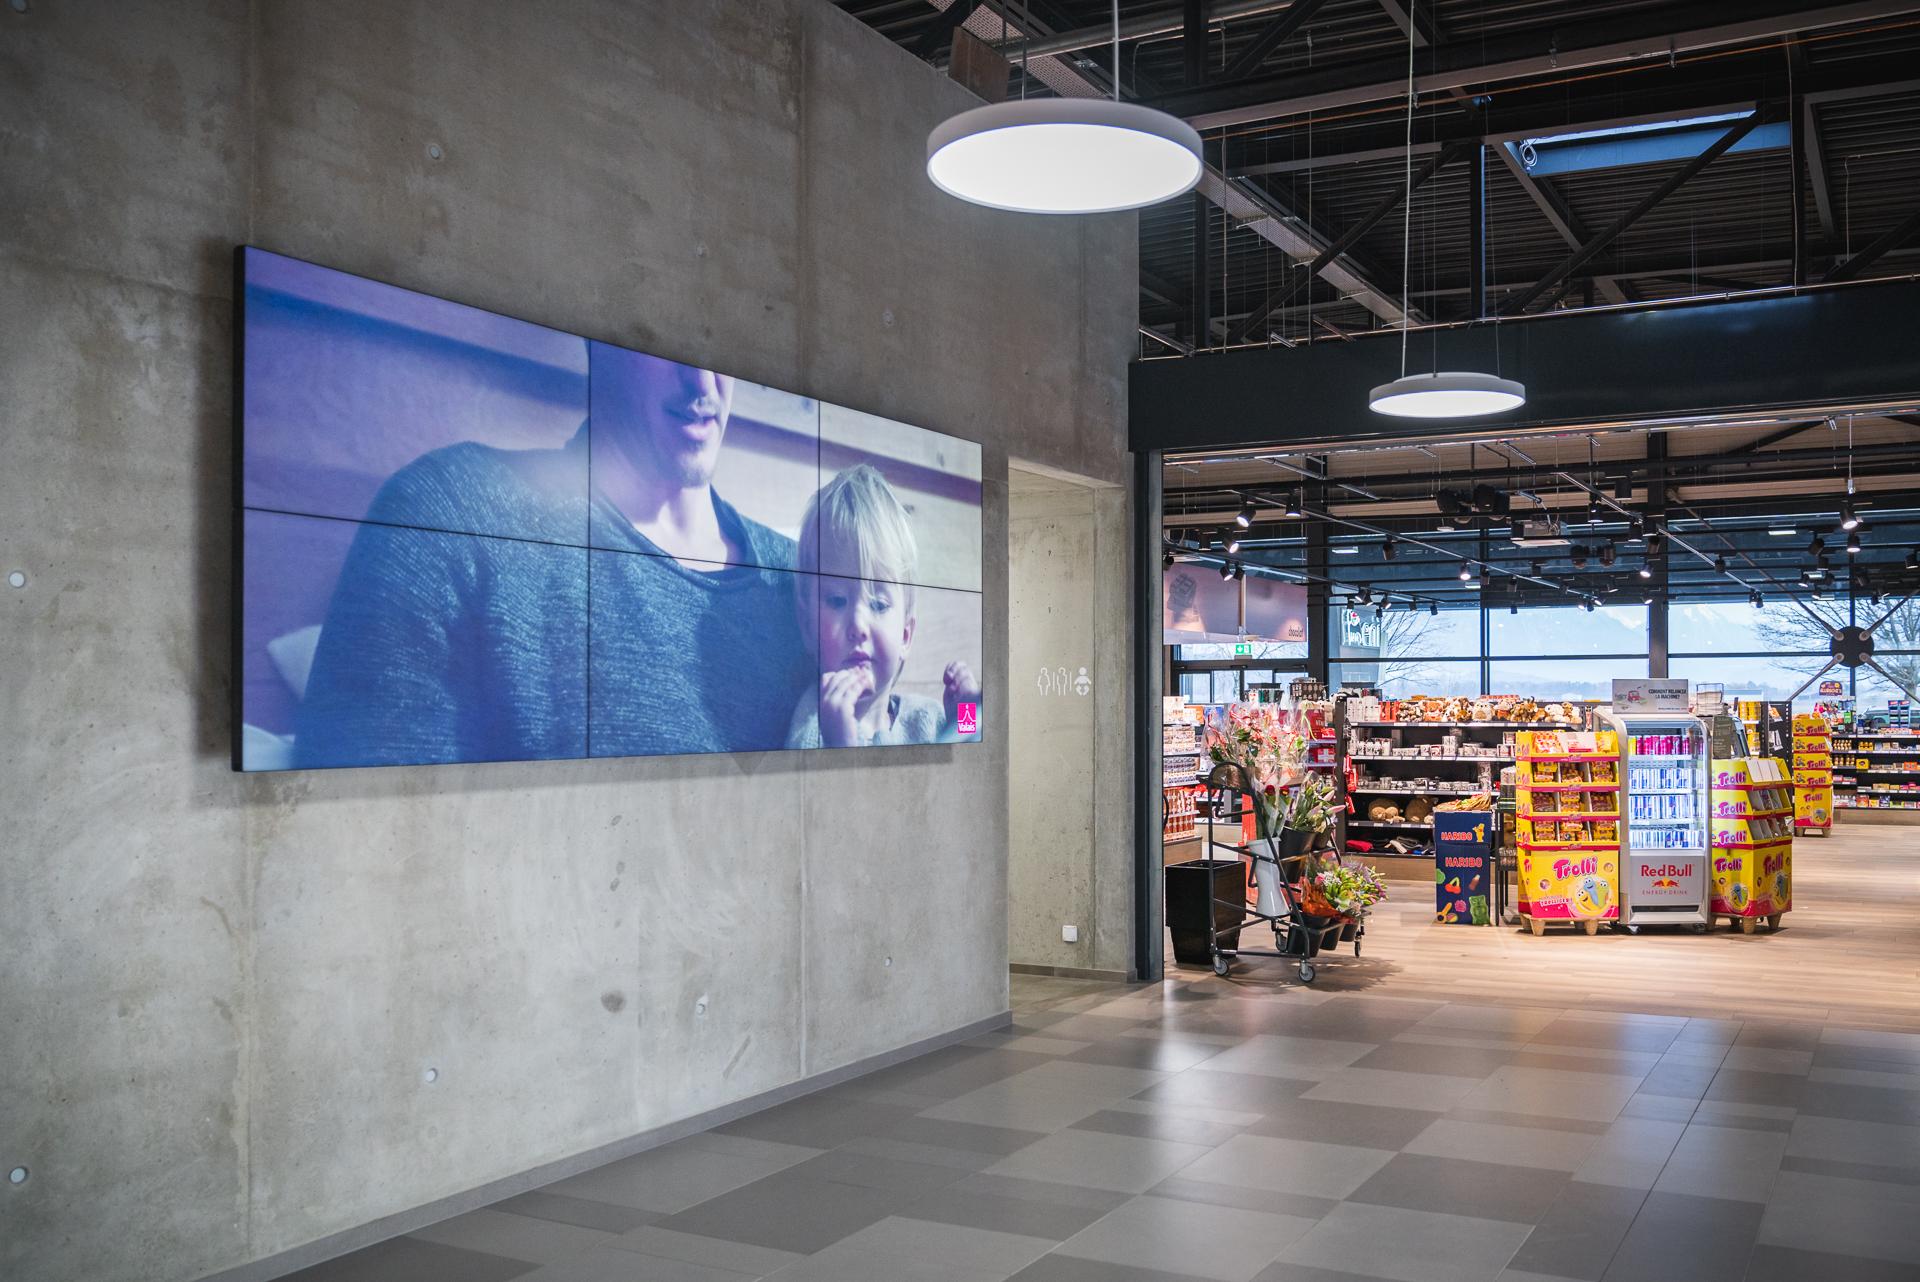 Mur d'écrans pour lieu publique ou administration. Restoroute d'Yvorne affichage digital Pixium.